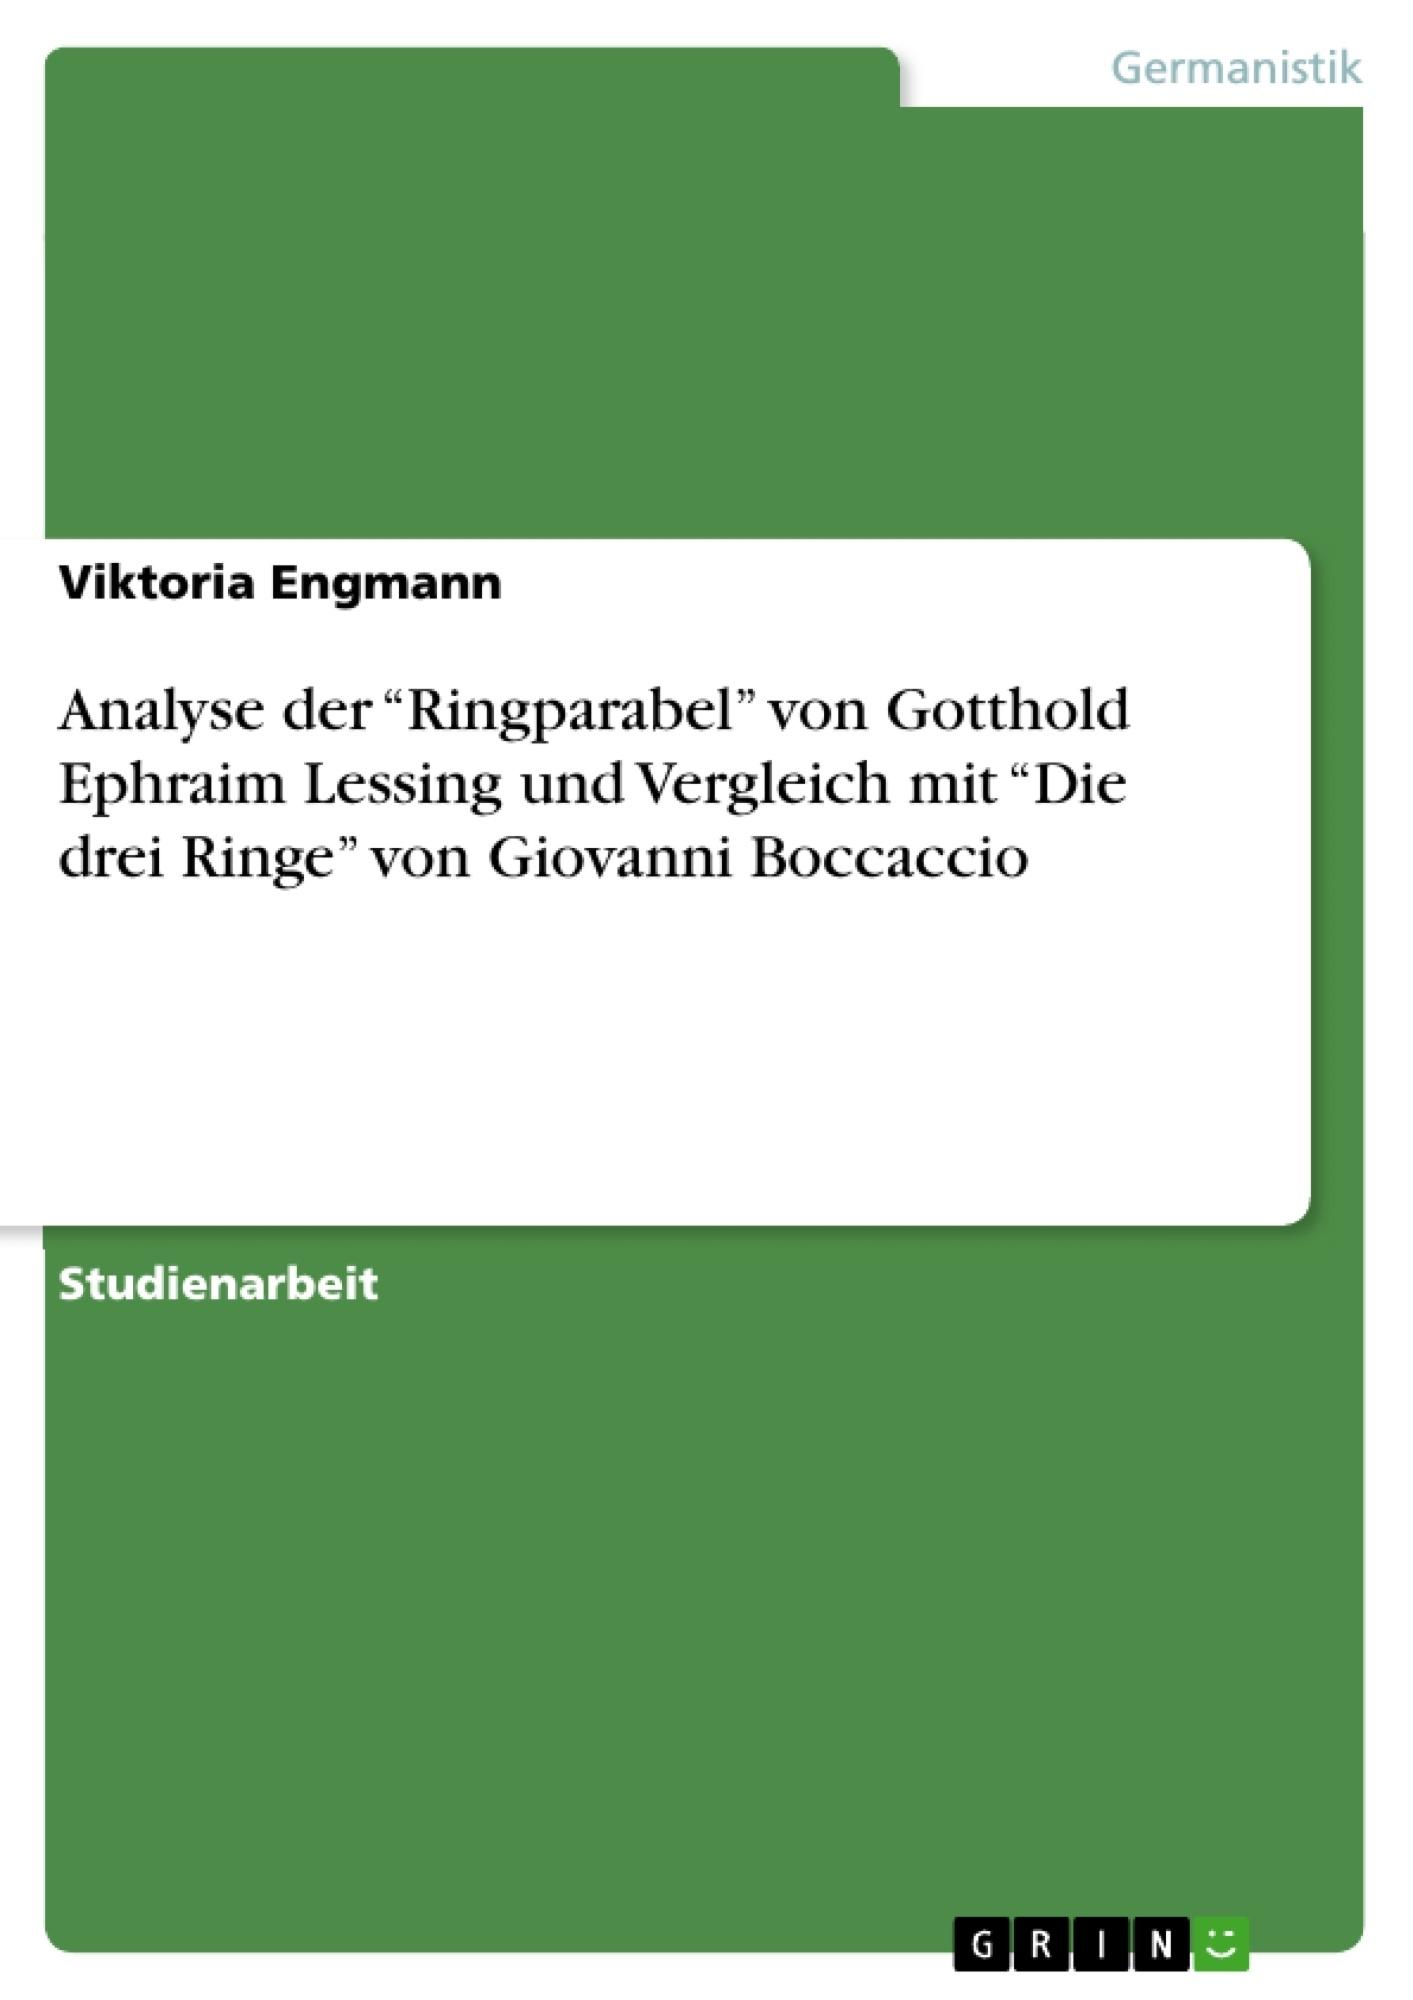 Analyse Der Ringparabel Von Gotthold Ephraim Lessing Und Grin